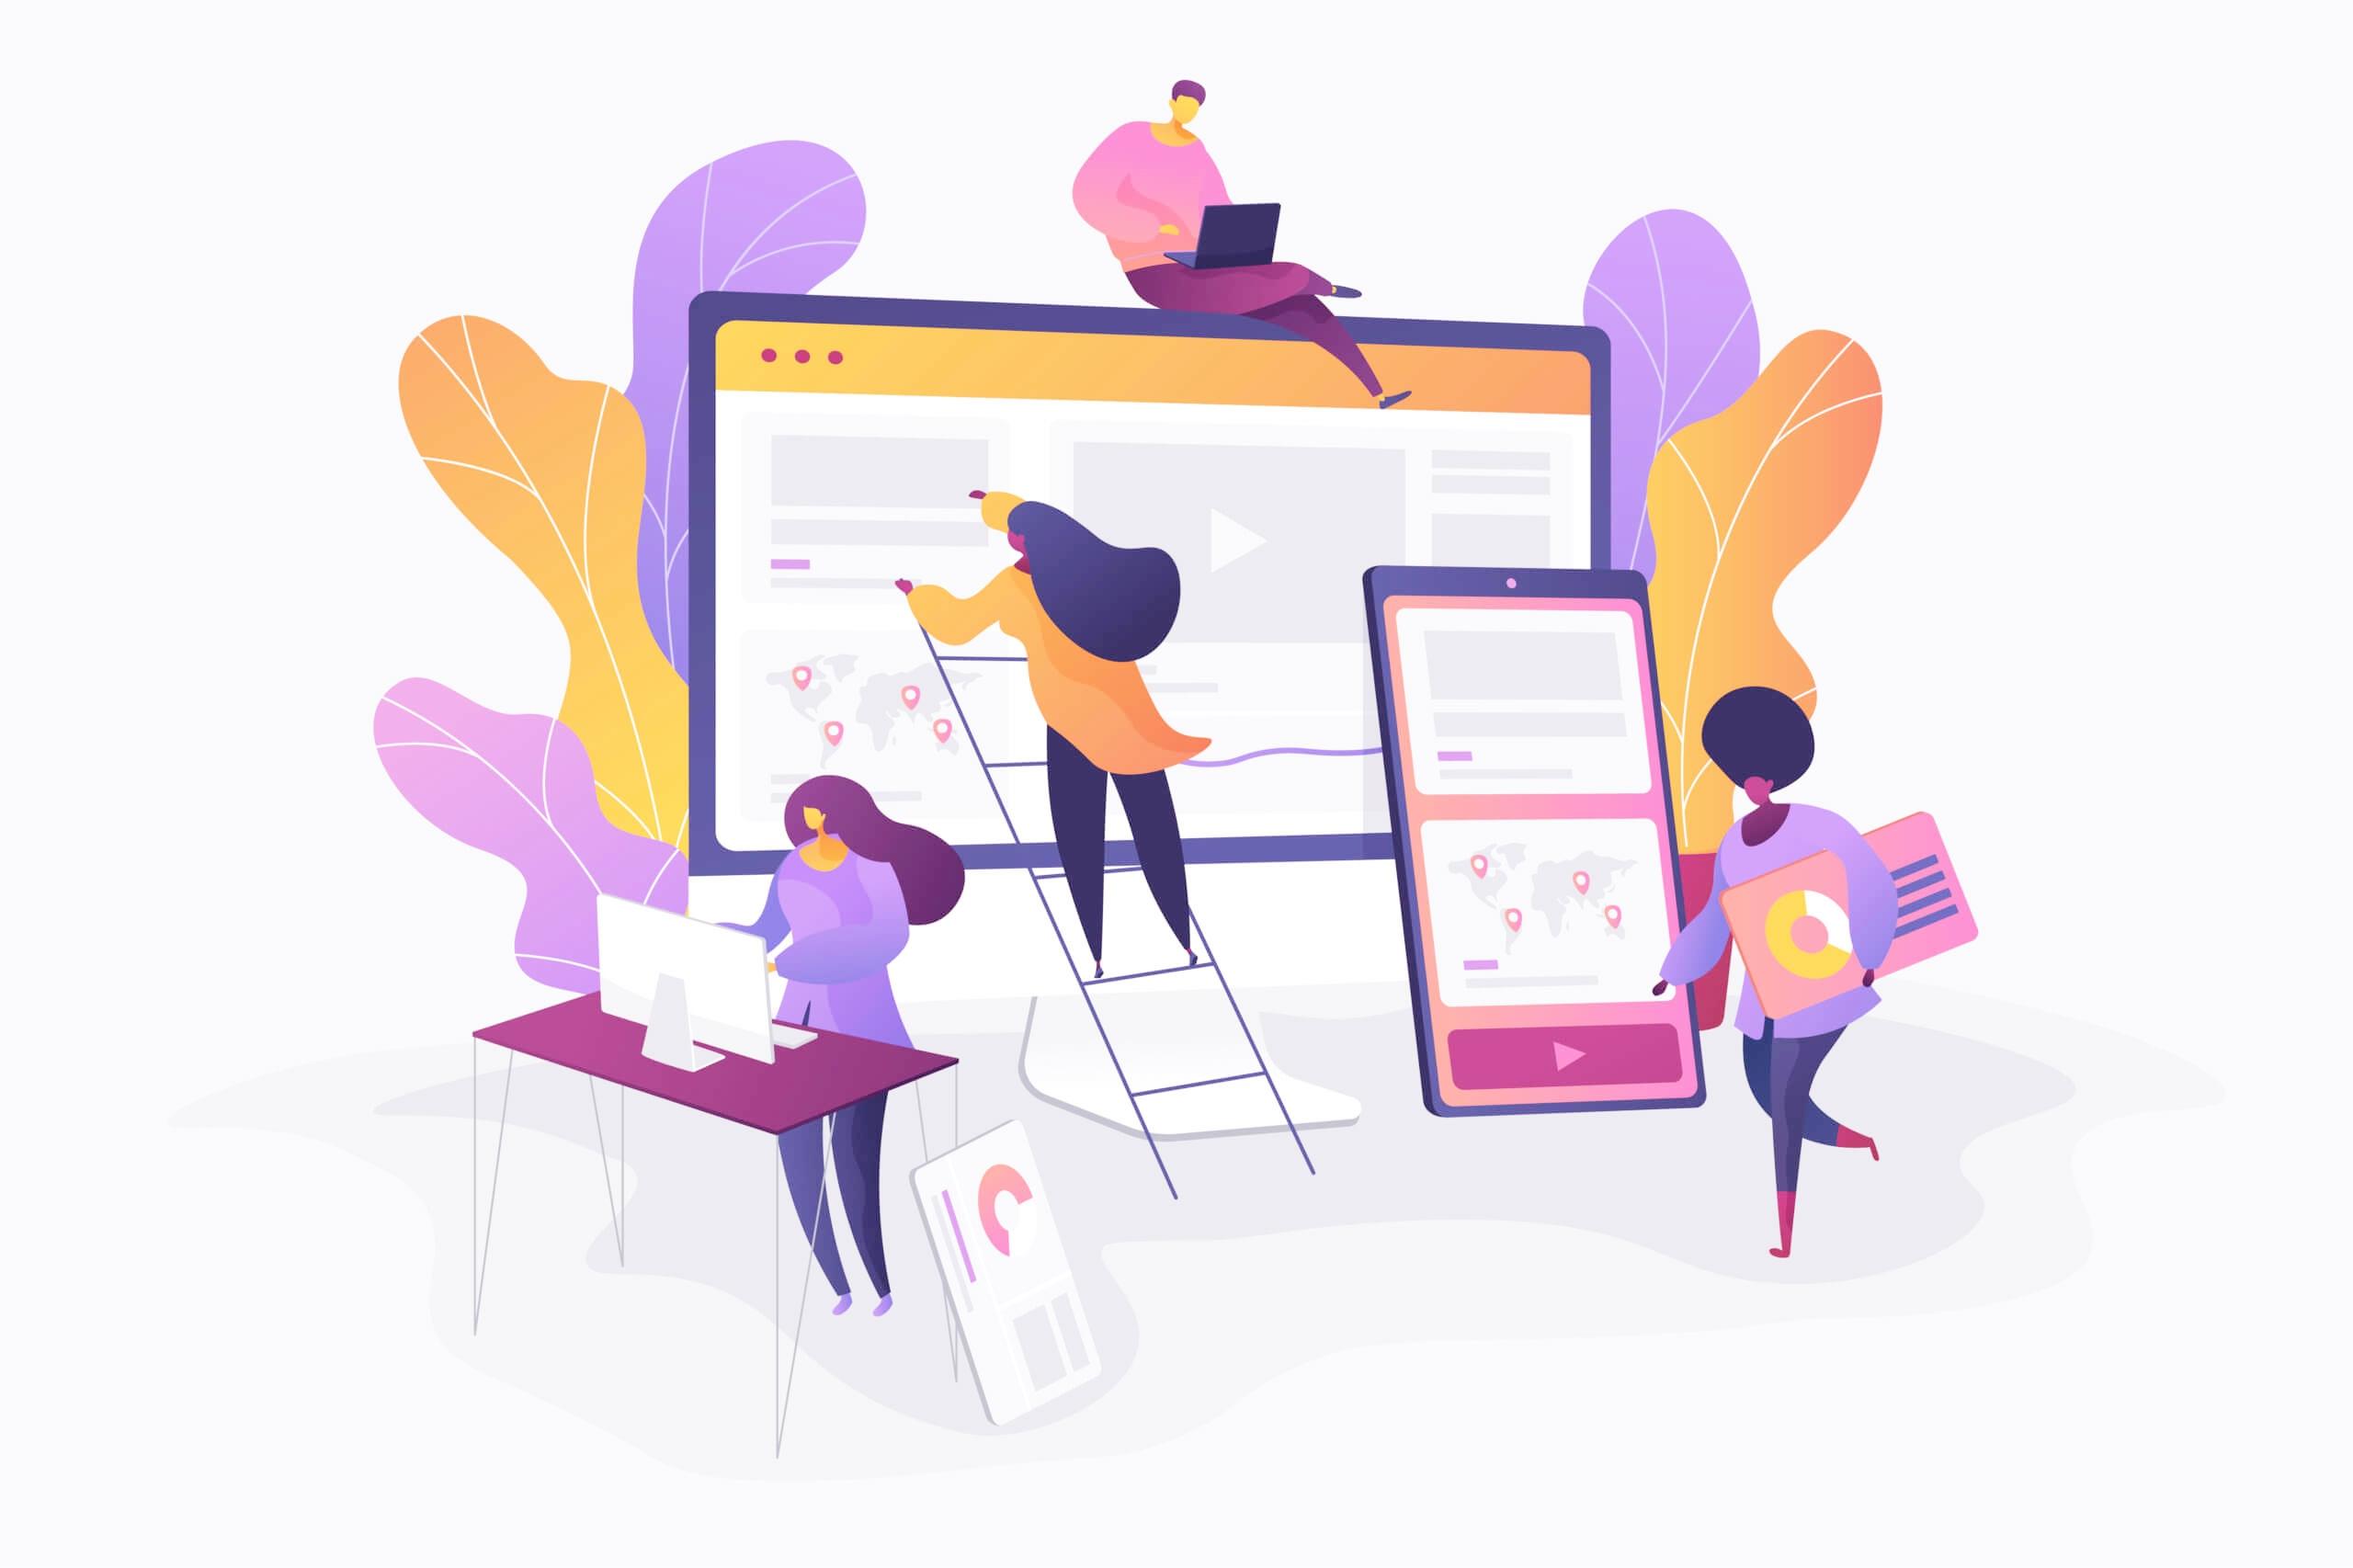 معرفی سایت های معتبر به منظور ایده گرفتن UI